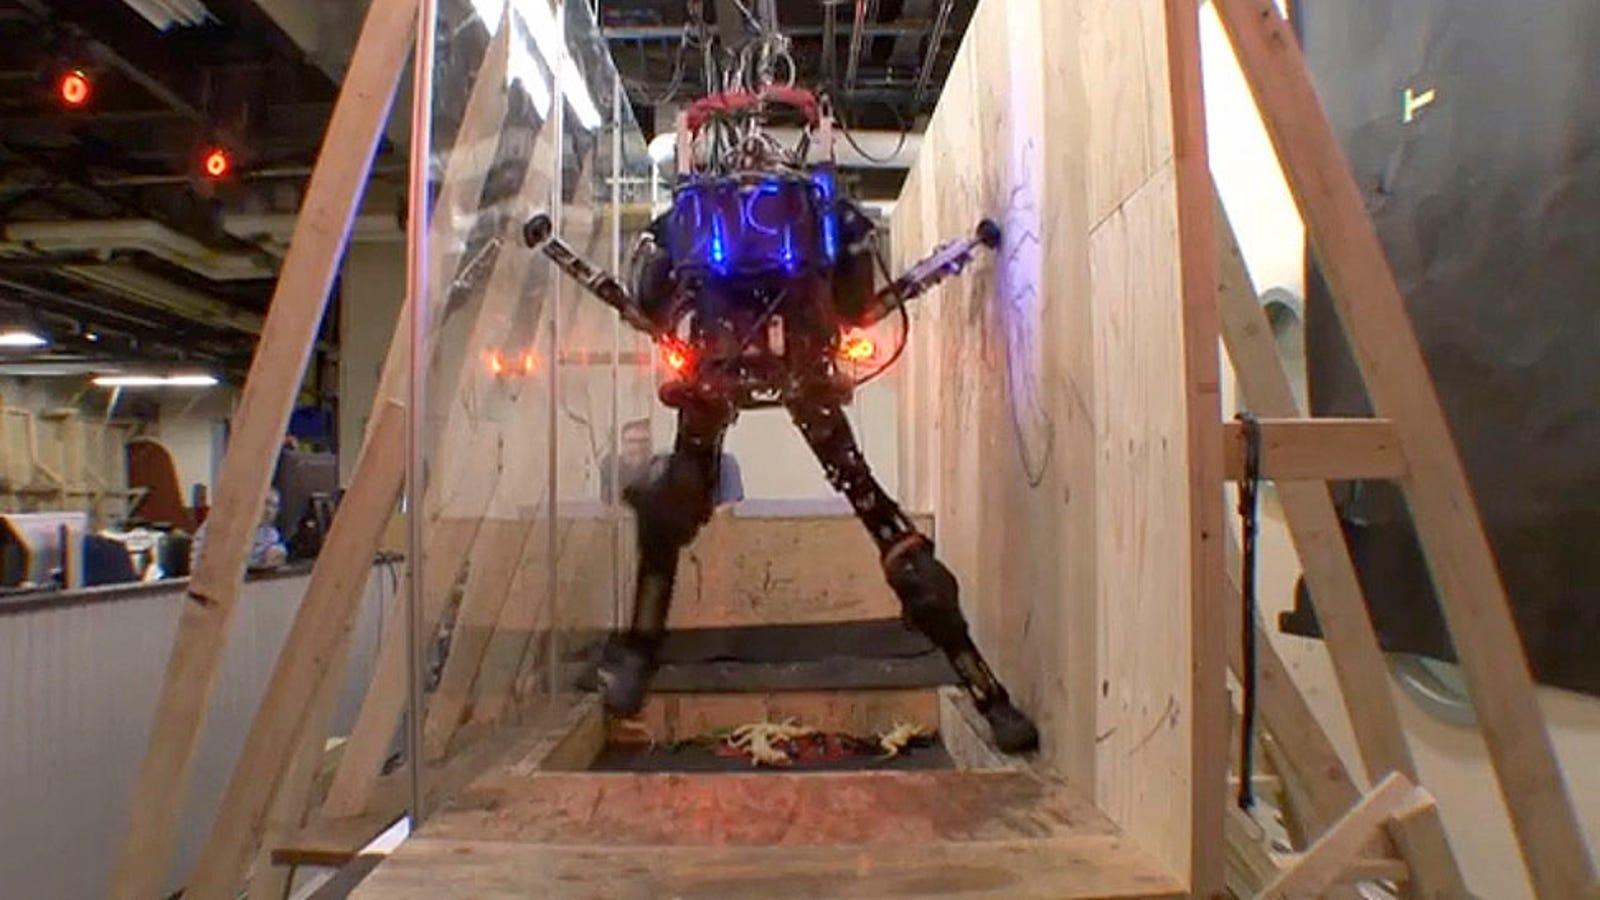 El nuevo robot de Boston Dynamics se mueve (casi) como un ser humano